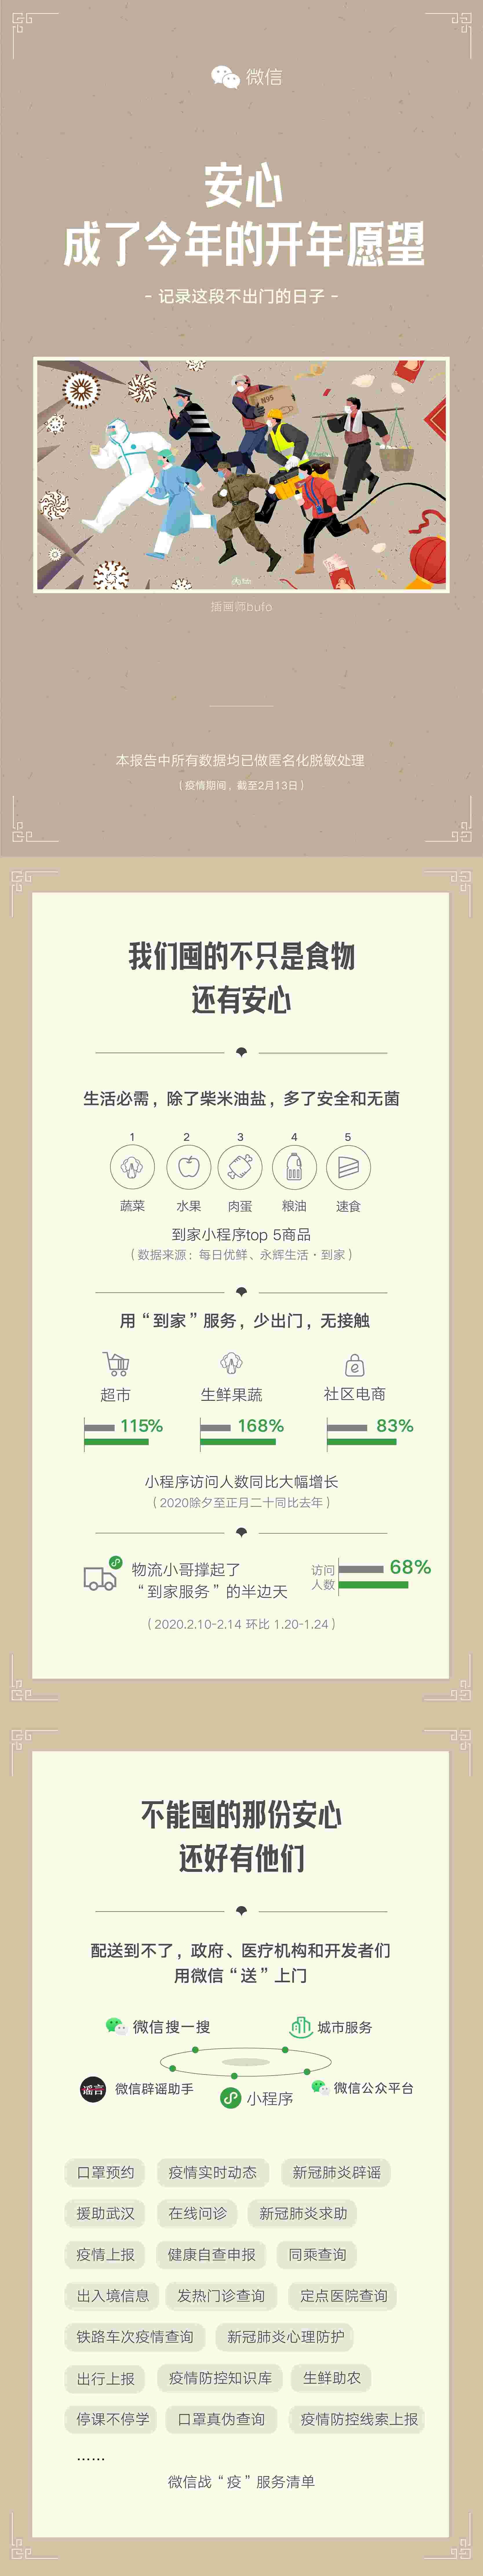 """醫療類小程序用戶環比增長夢之網科技347%!微信官方公布戰""""疫""""報告"""